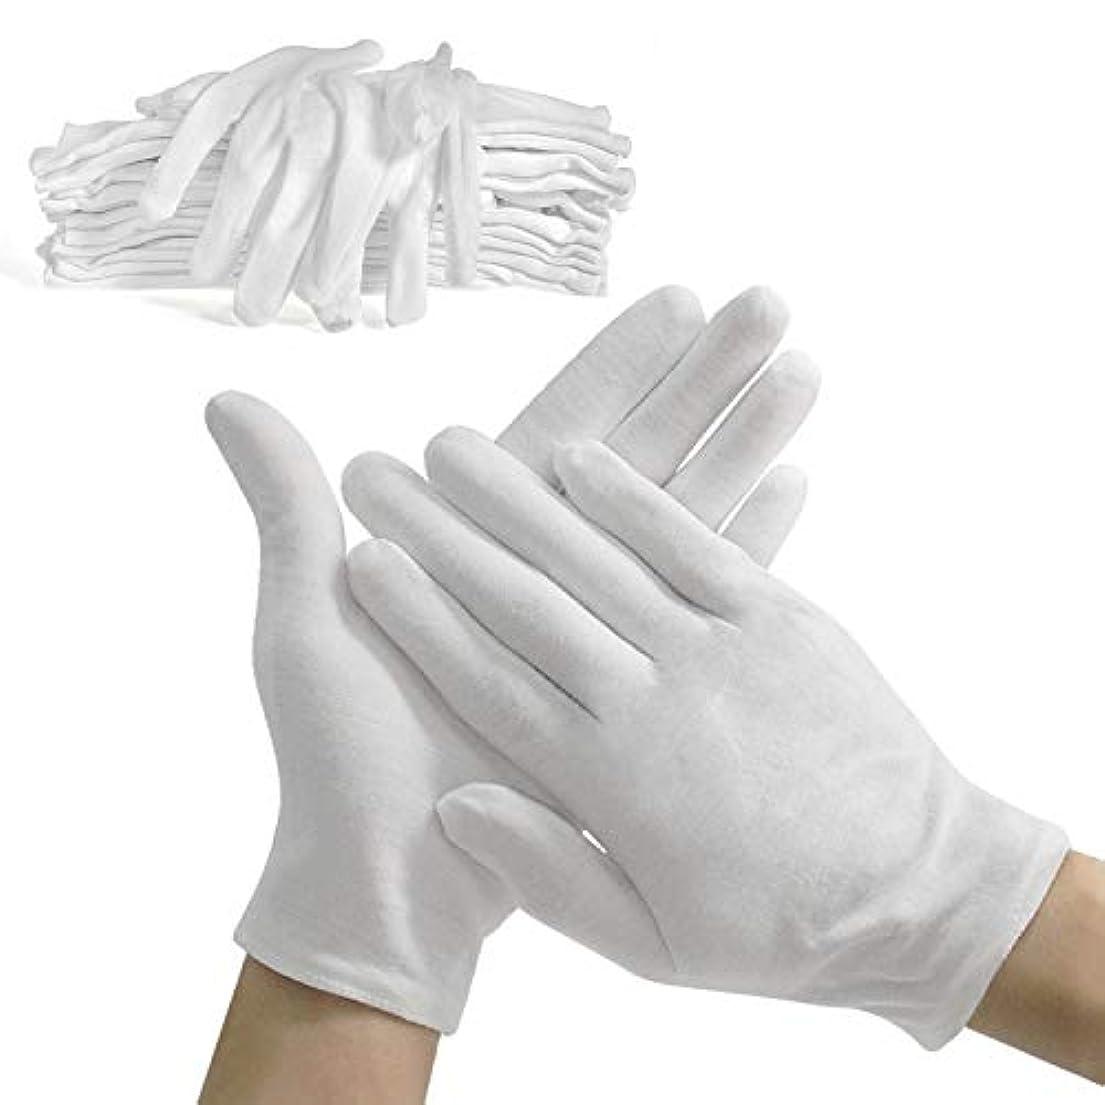 シティ資料組使い捨て 手袋 コットン手袋 綿手袋 手荒れ 純綿100% 使い捨て 白手袋 薄手 お休み 湿疹 乾燥肌 保湿 礼装用 メンズ 手袋 レディース (M,梱包数量100組(200)) (M,梱包数量100組(200))